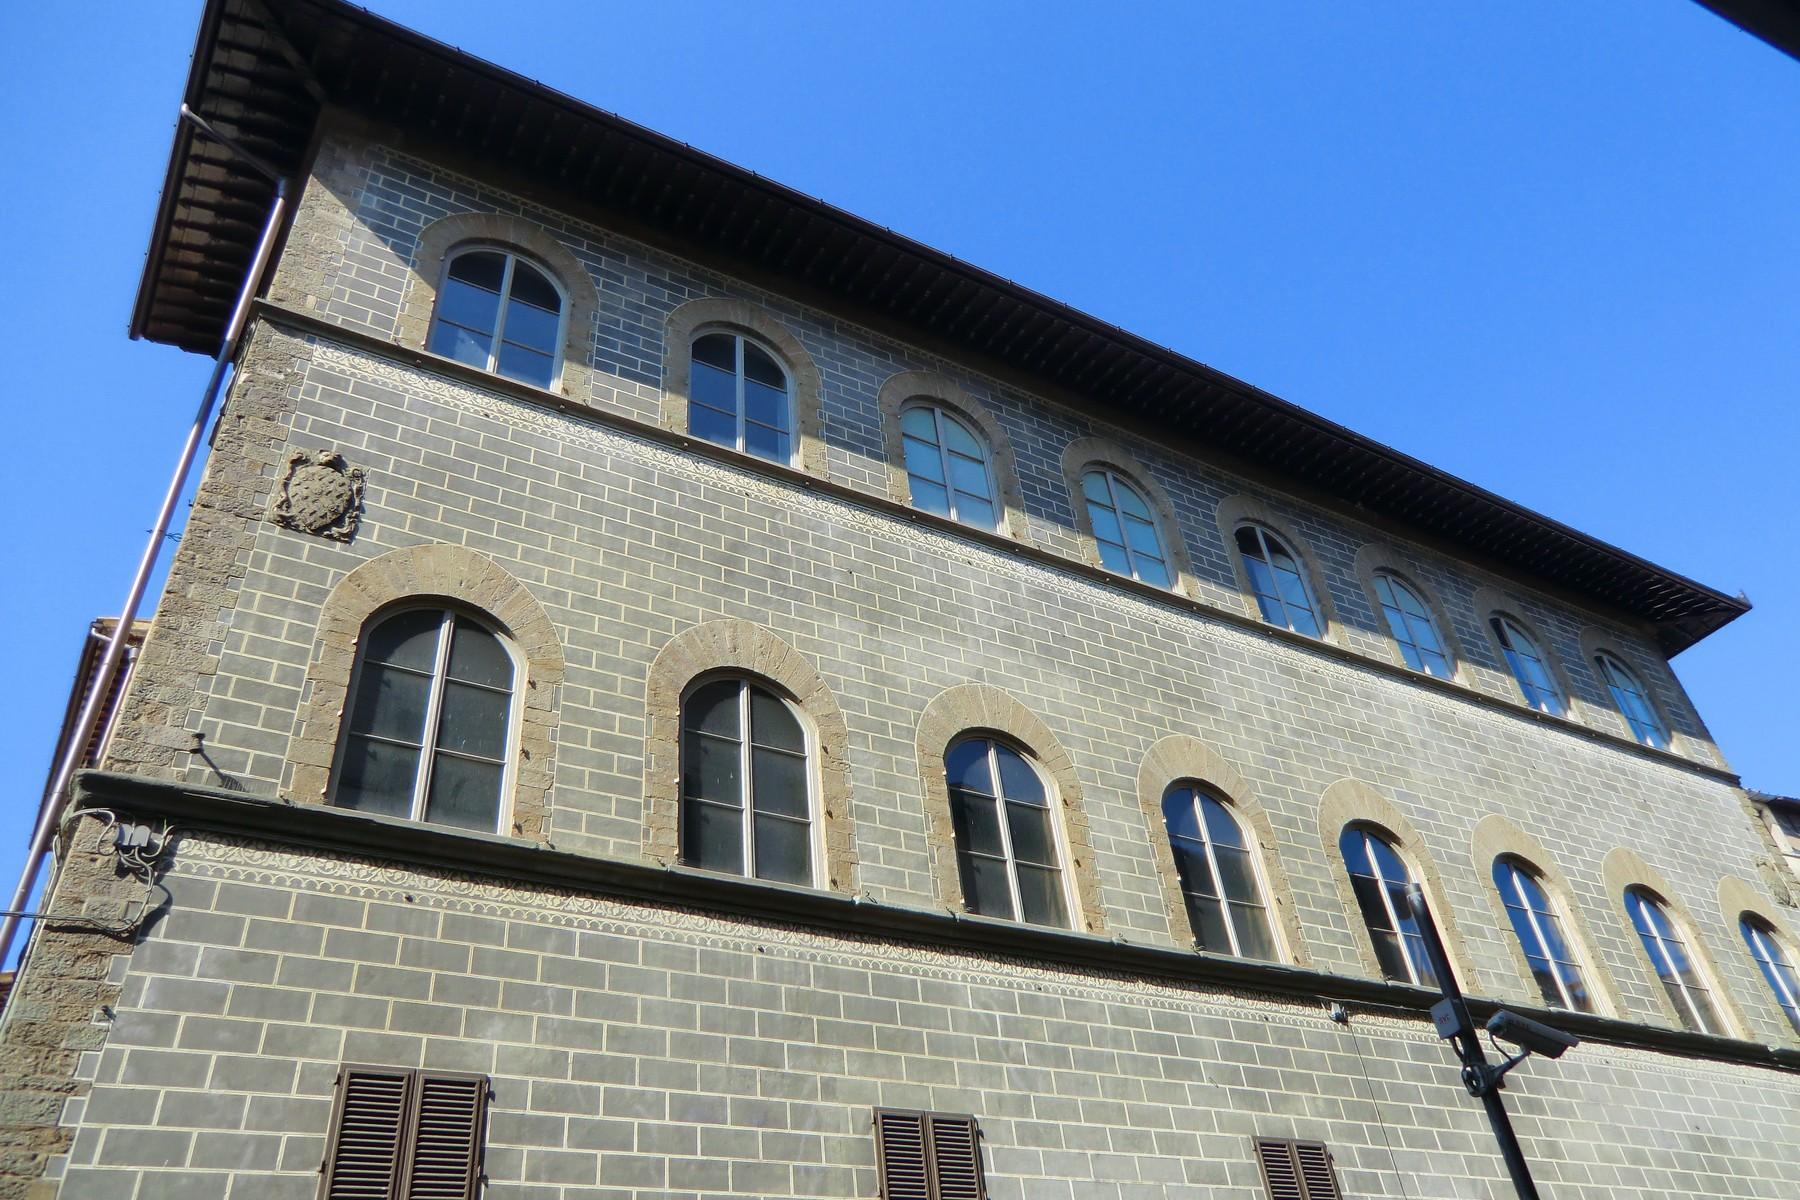 Historische Wohnung im Herzen der Stadt Florenz - 22